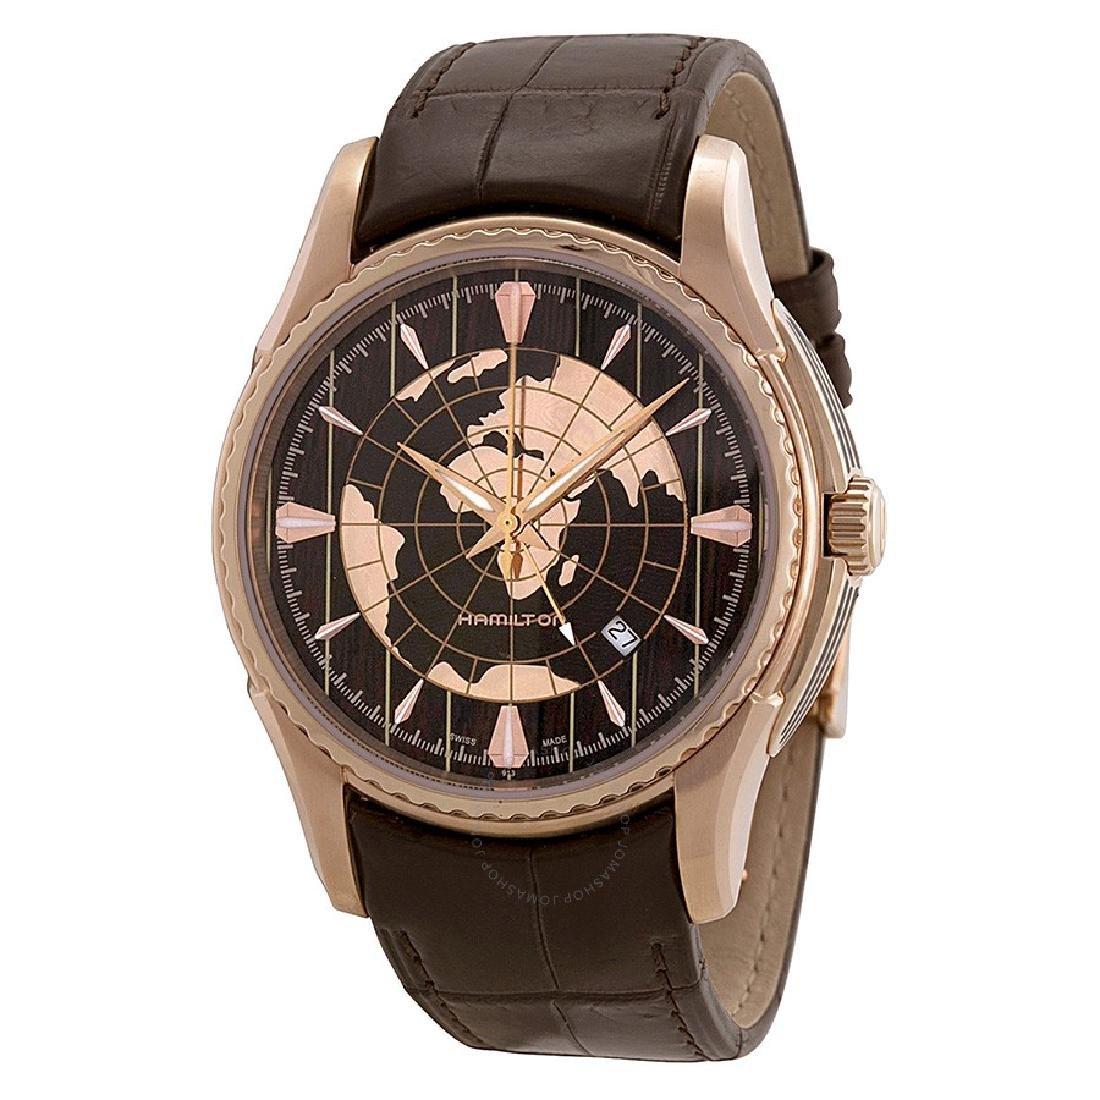 Hamilton Aquariva GMT Men's Watch